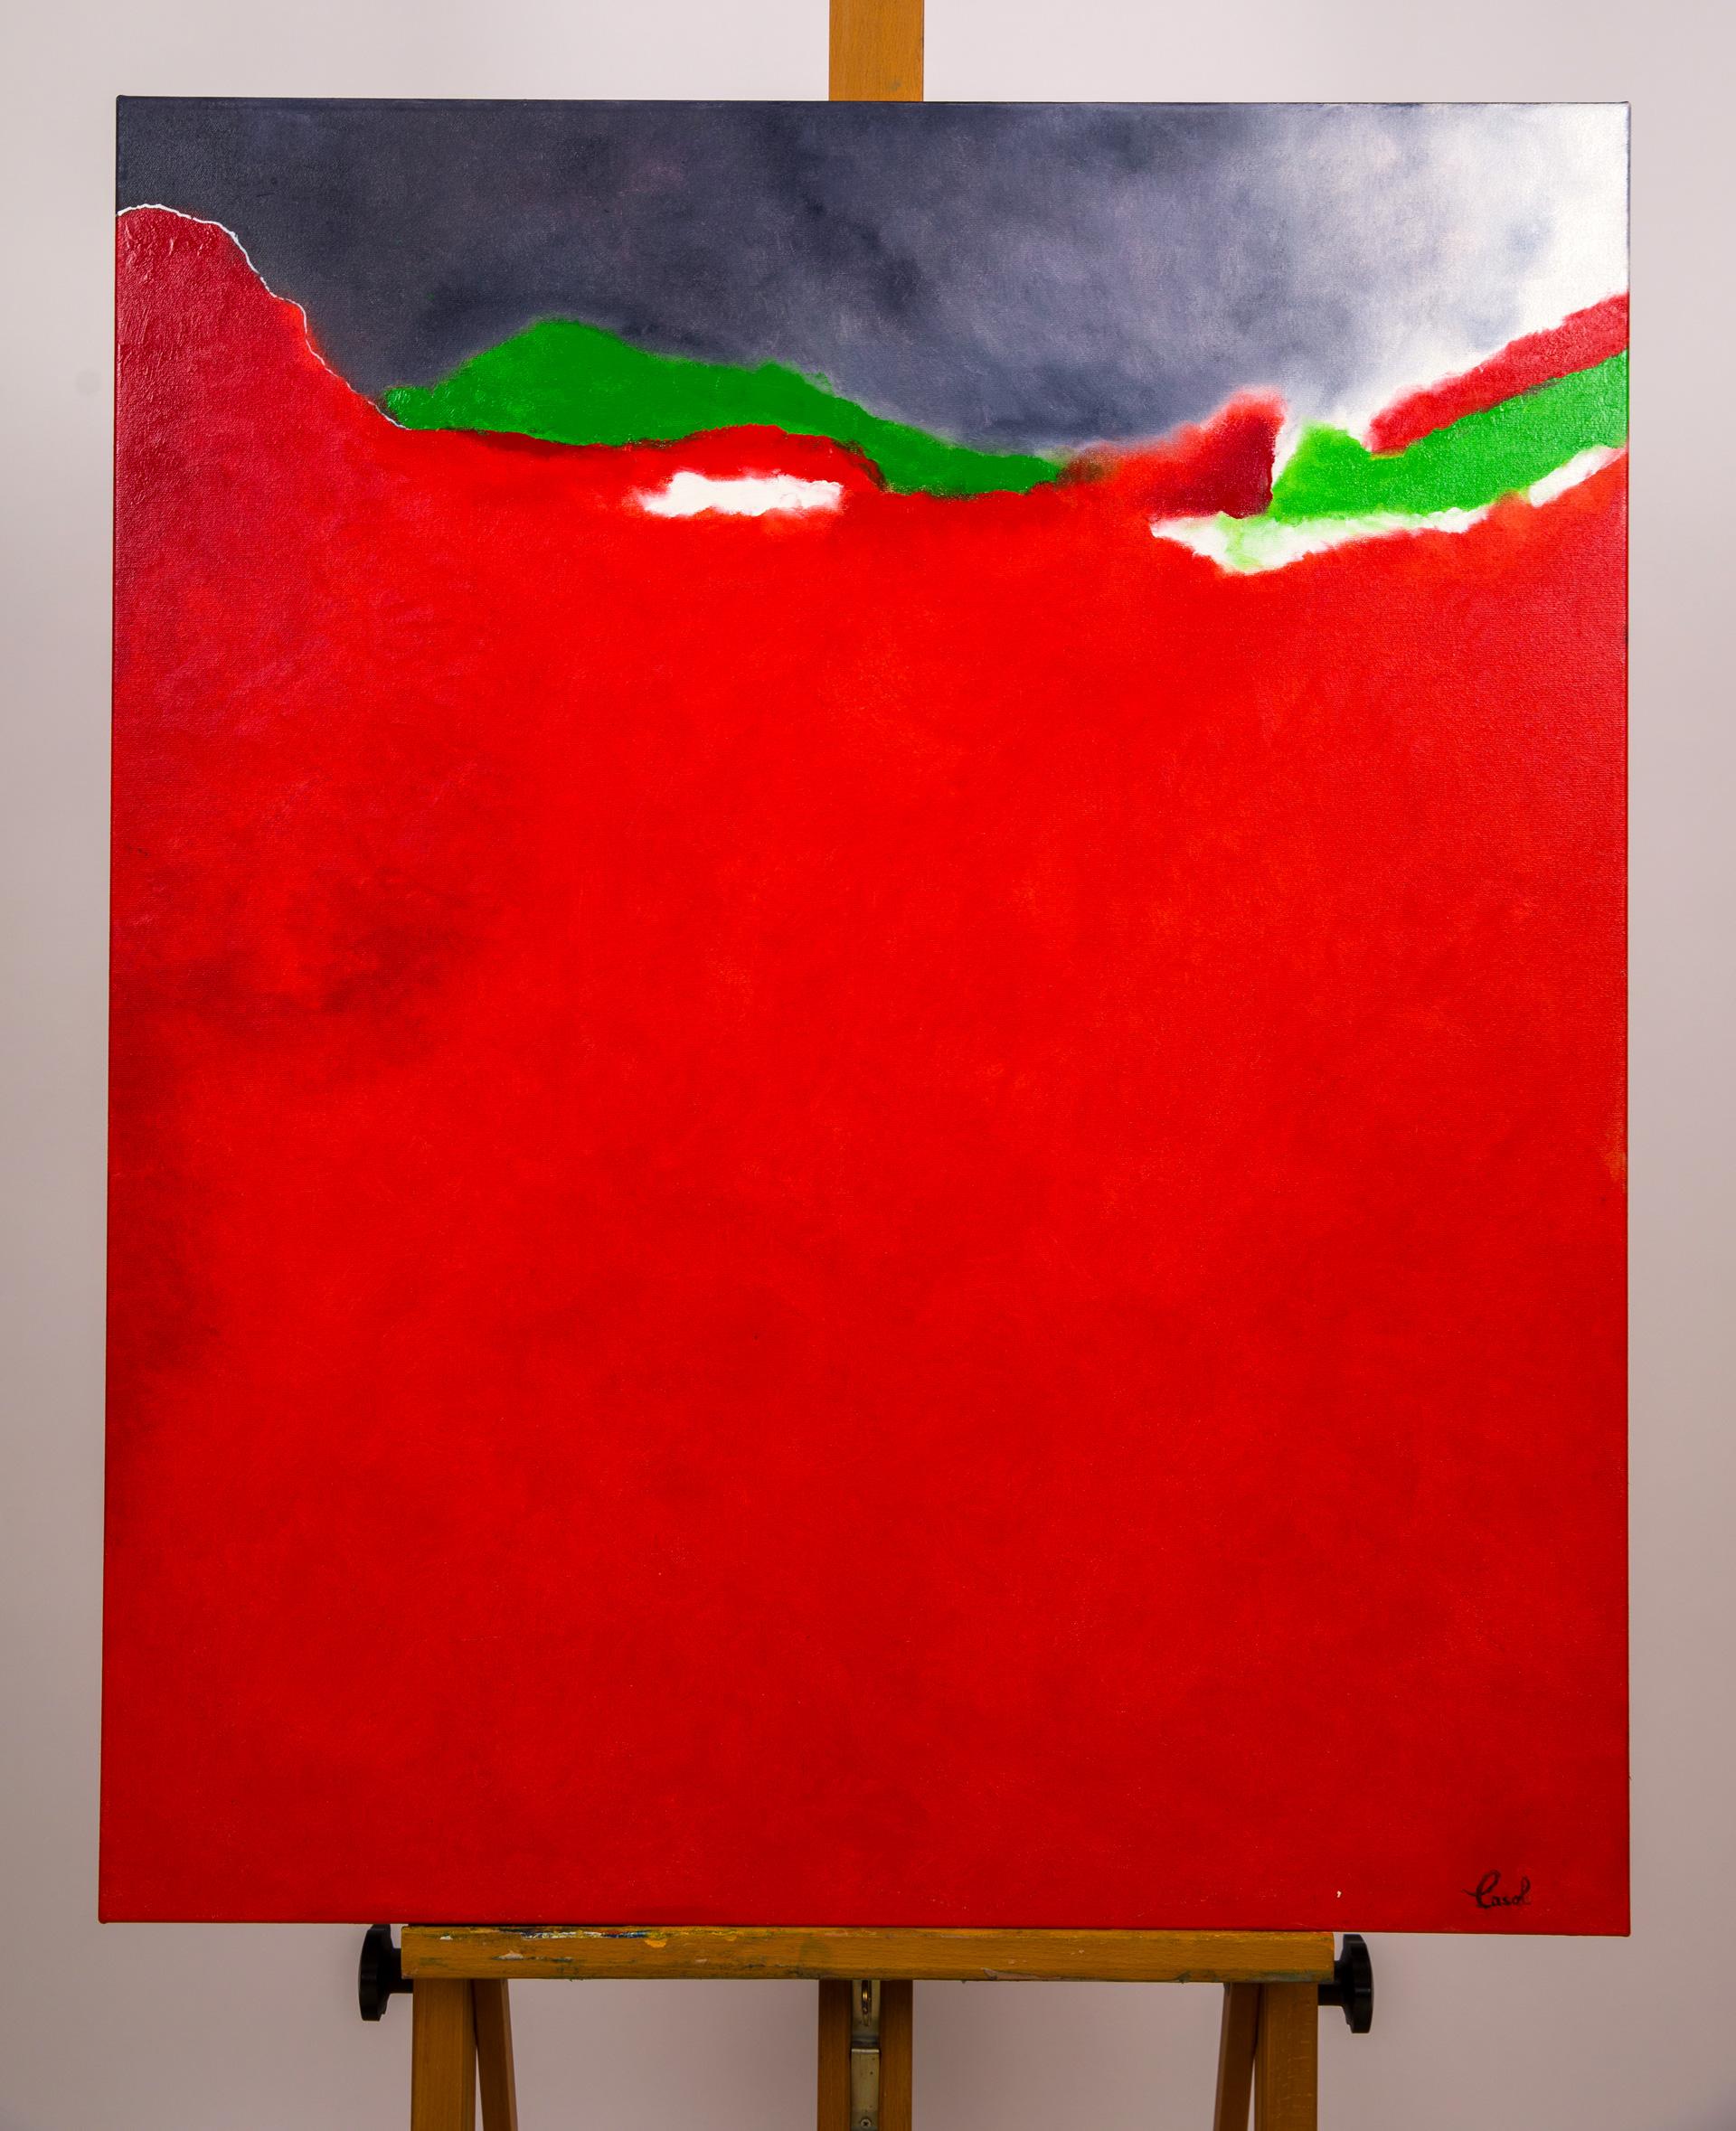 Maryse Casol, peinture Essence Poétique, Passion, 2020